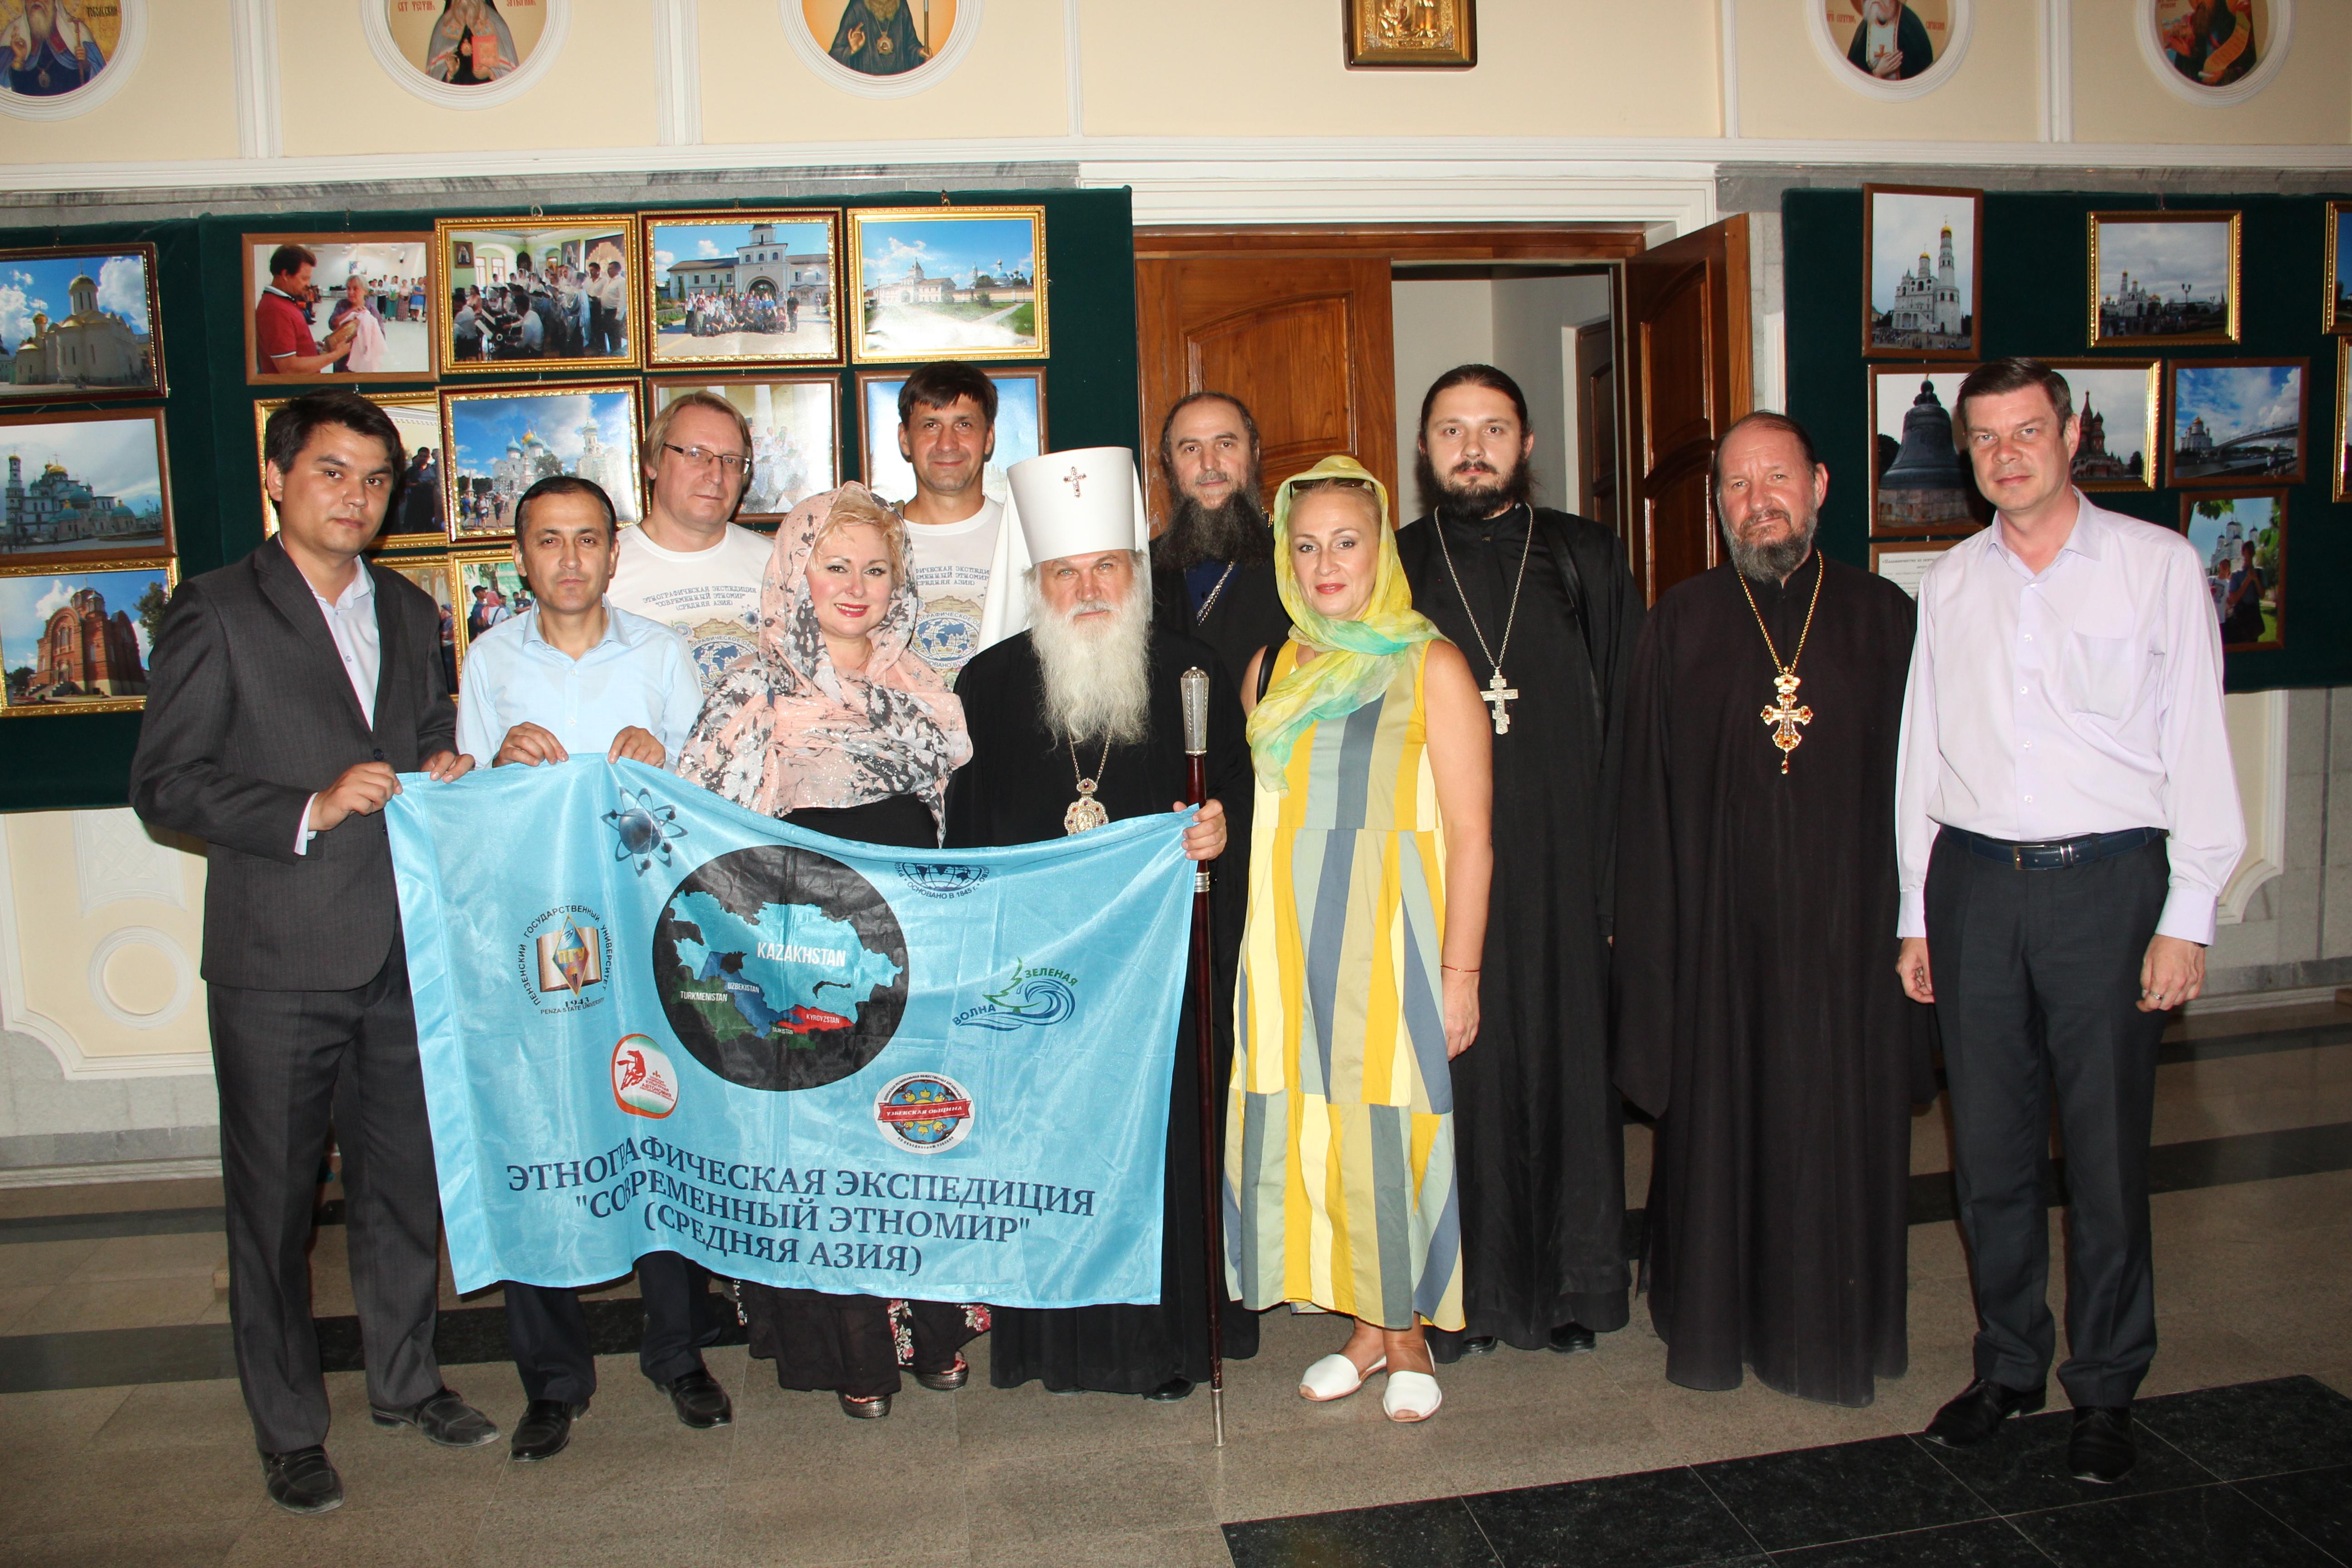 Встреча с митрополитом Ташкентским и Узбекистанским Викентием